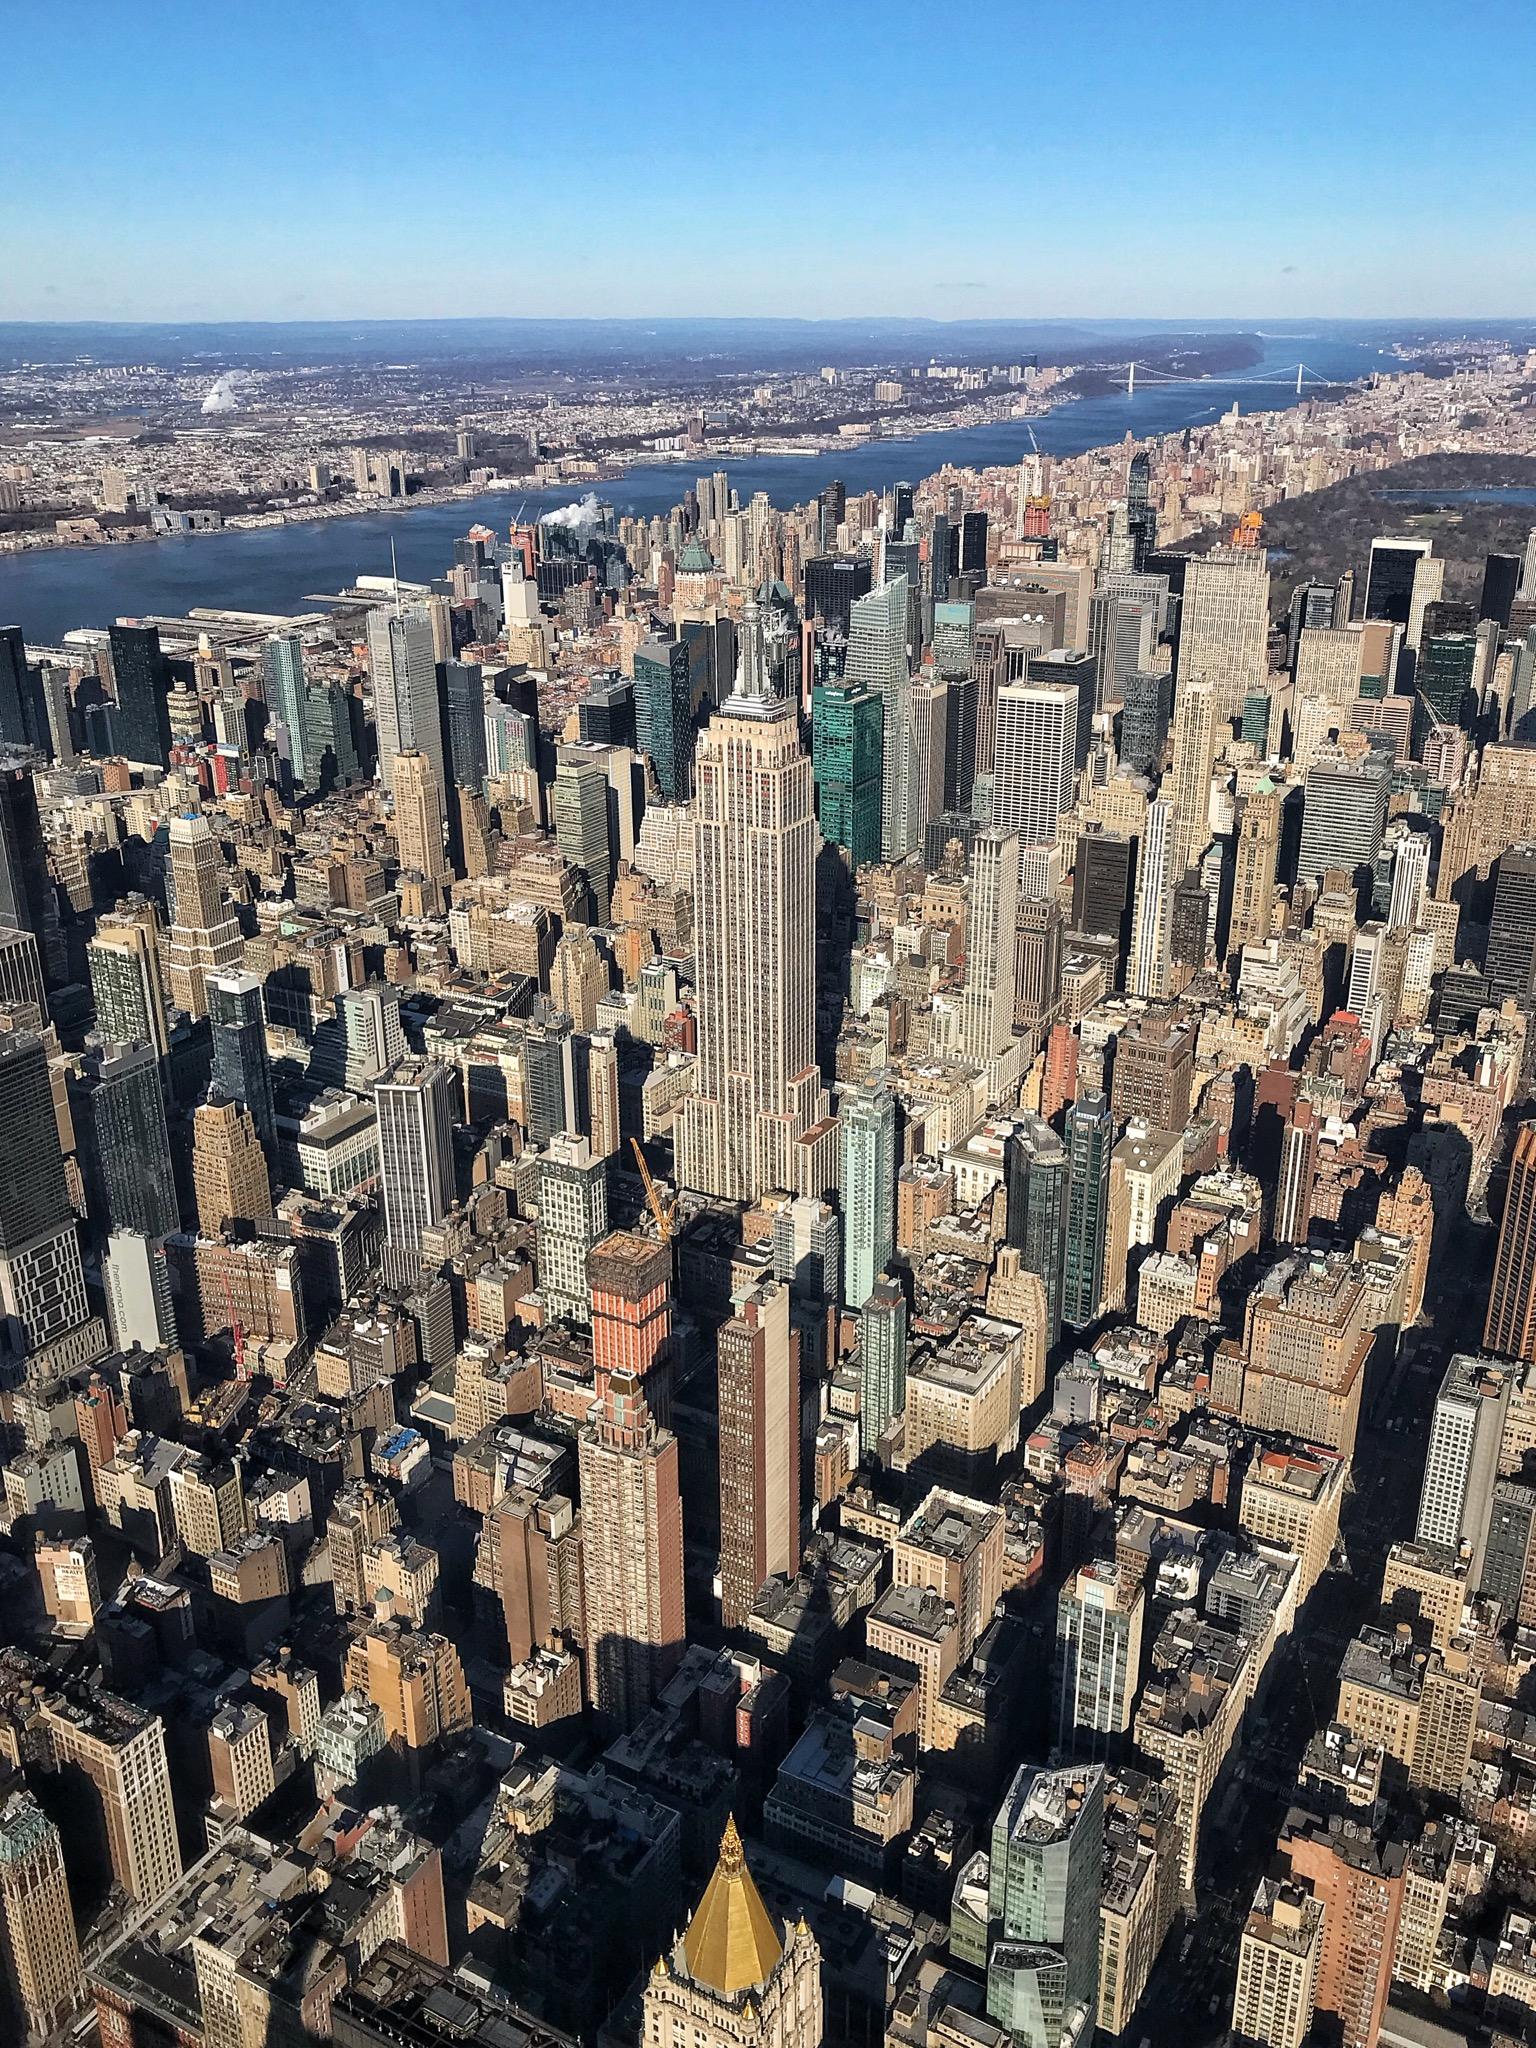 @kk021 - New York, NY